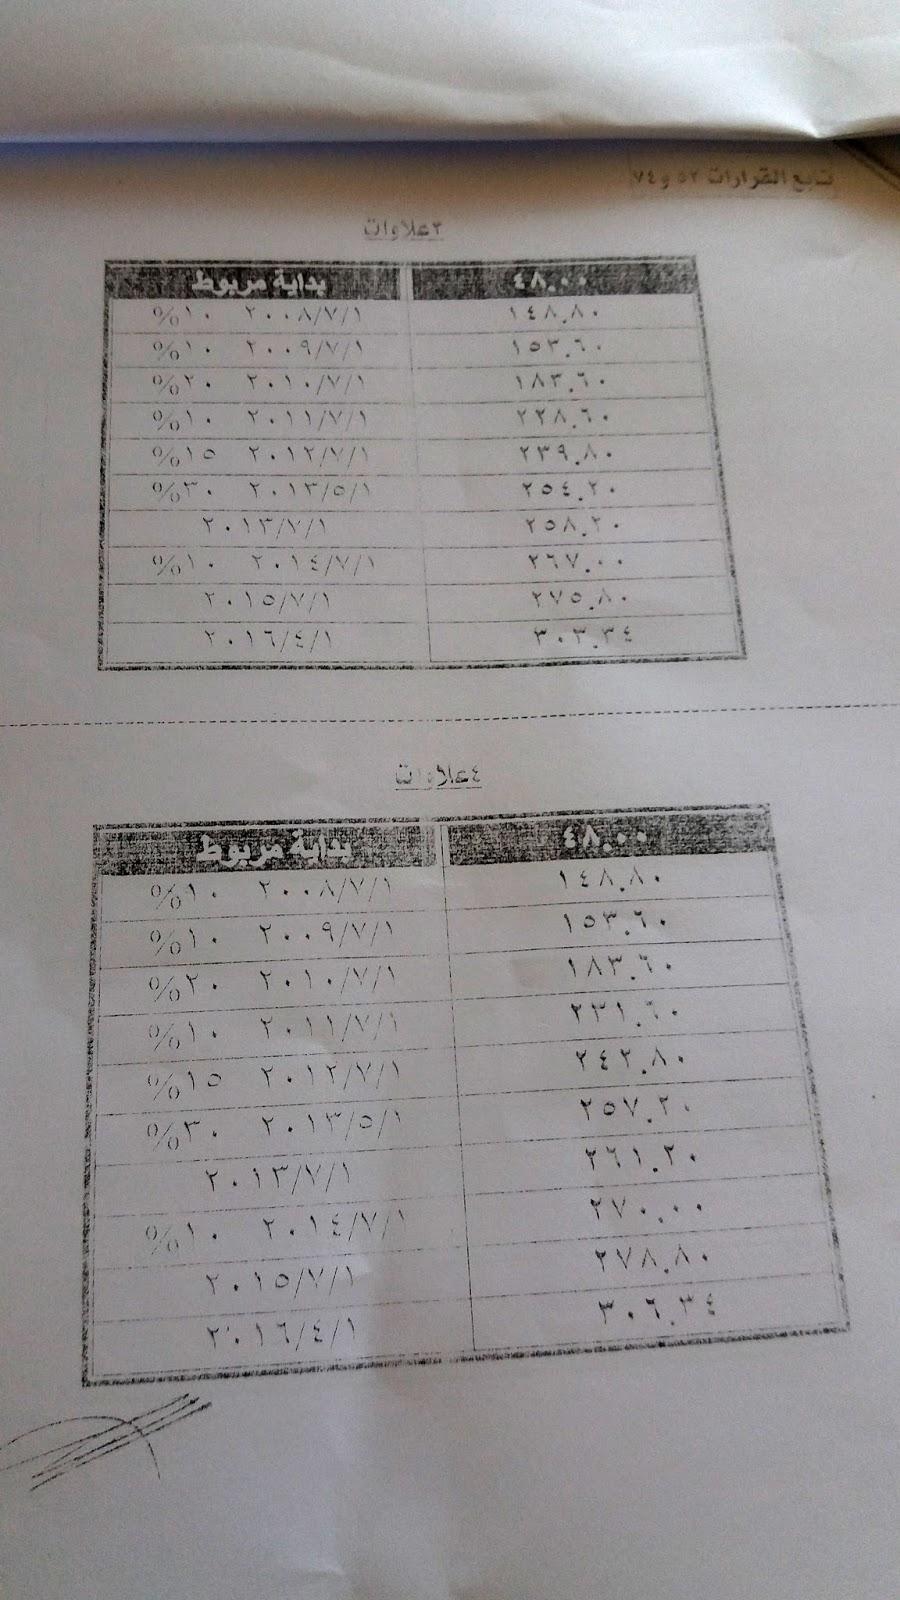 تدرج مرتبات المعلمين للقرارات 53 و 74 و 244 لجميع المعلمين وكذلك الحاصلين على احكام قضائية